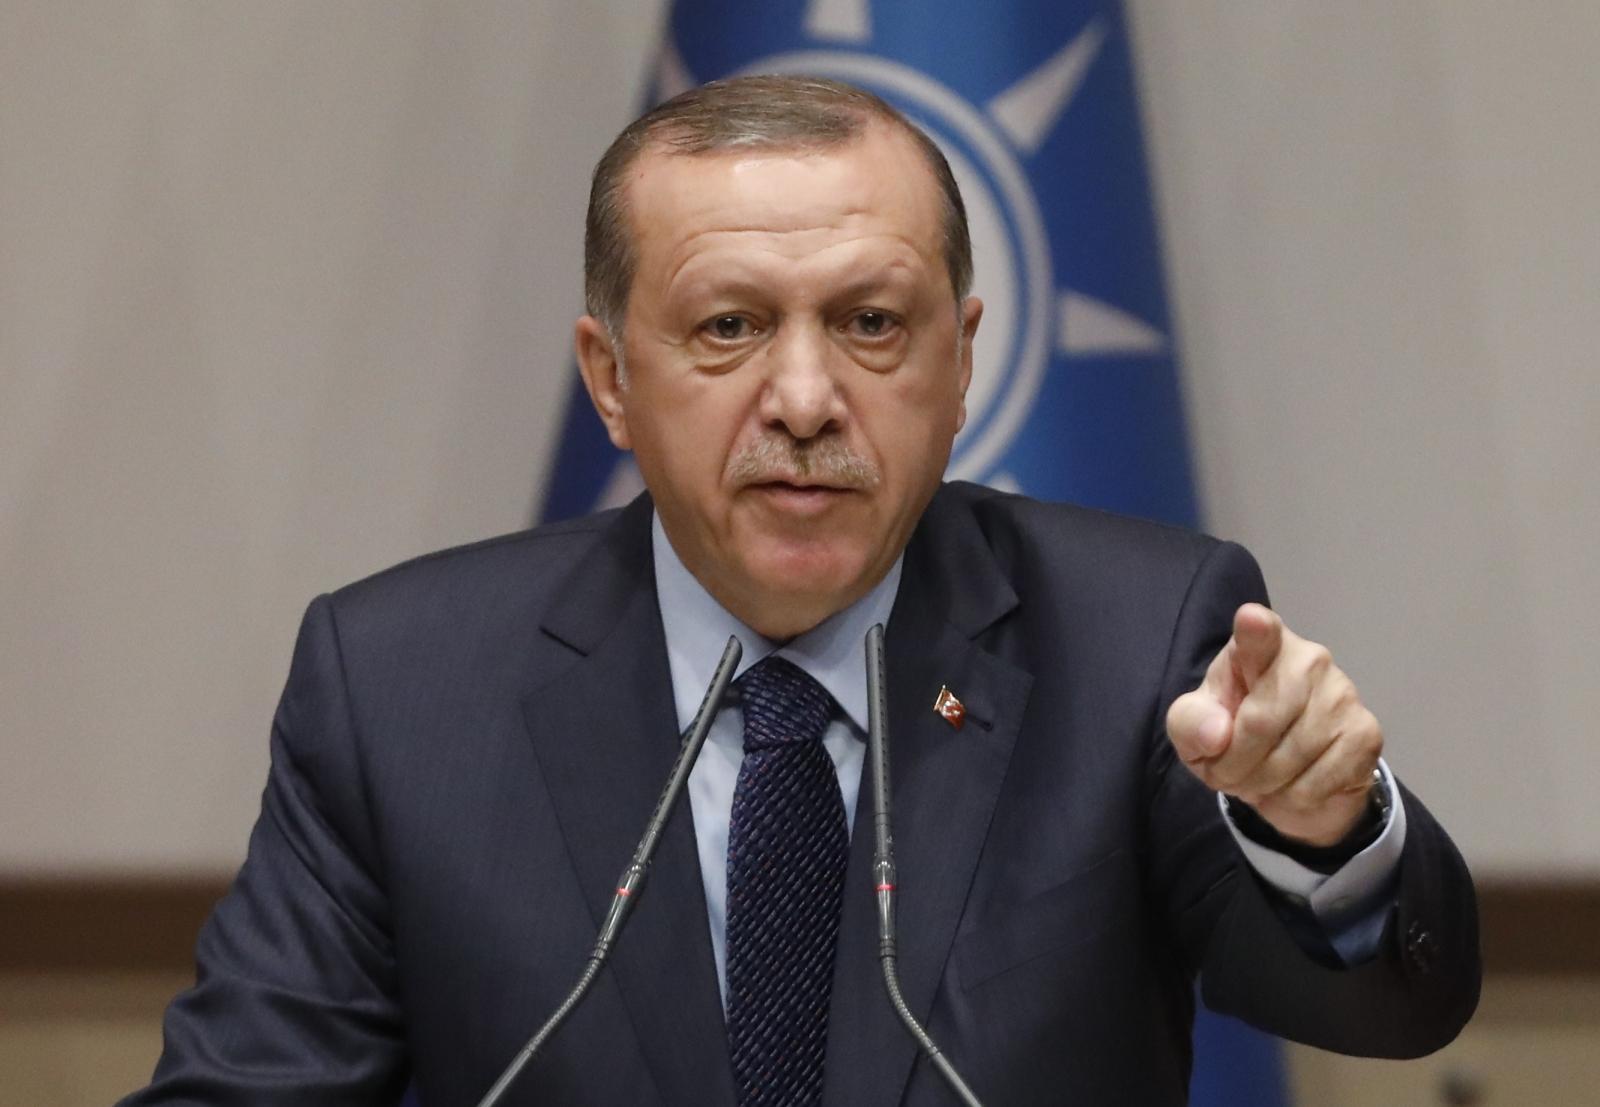 Erdogan on Israel